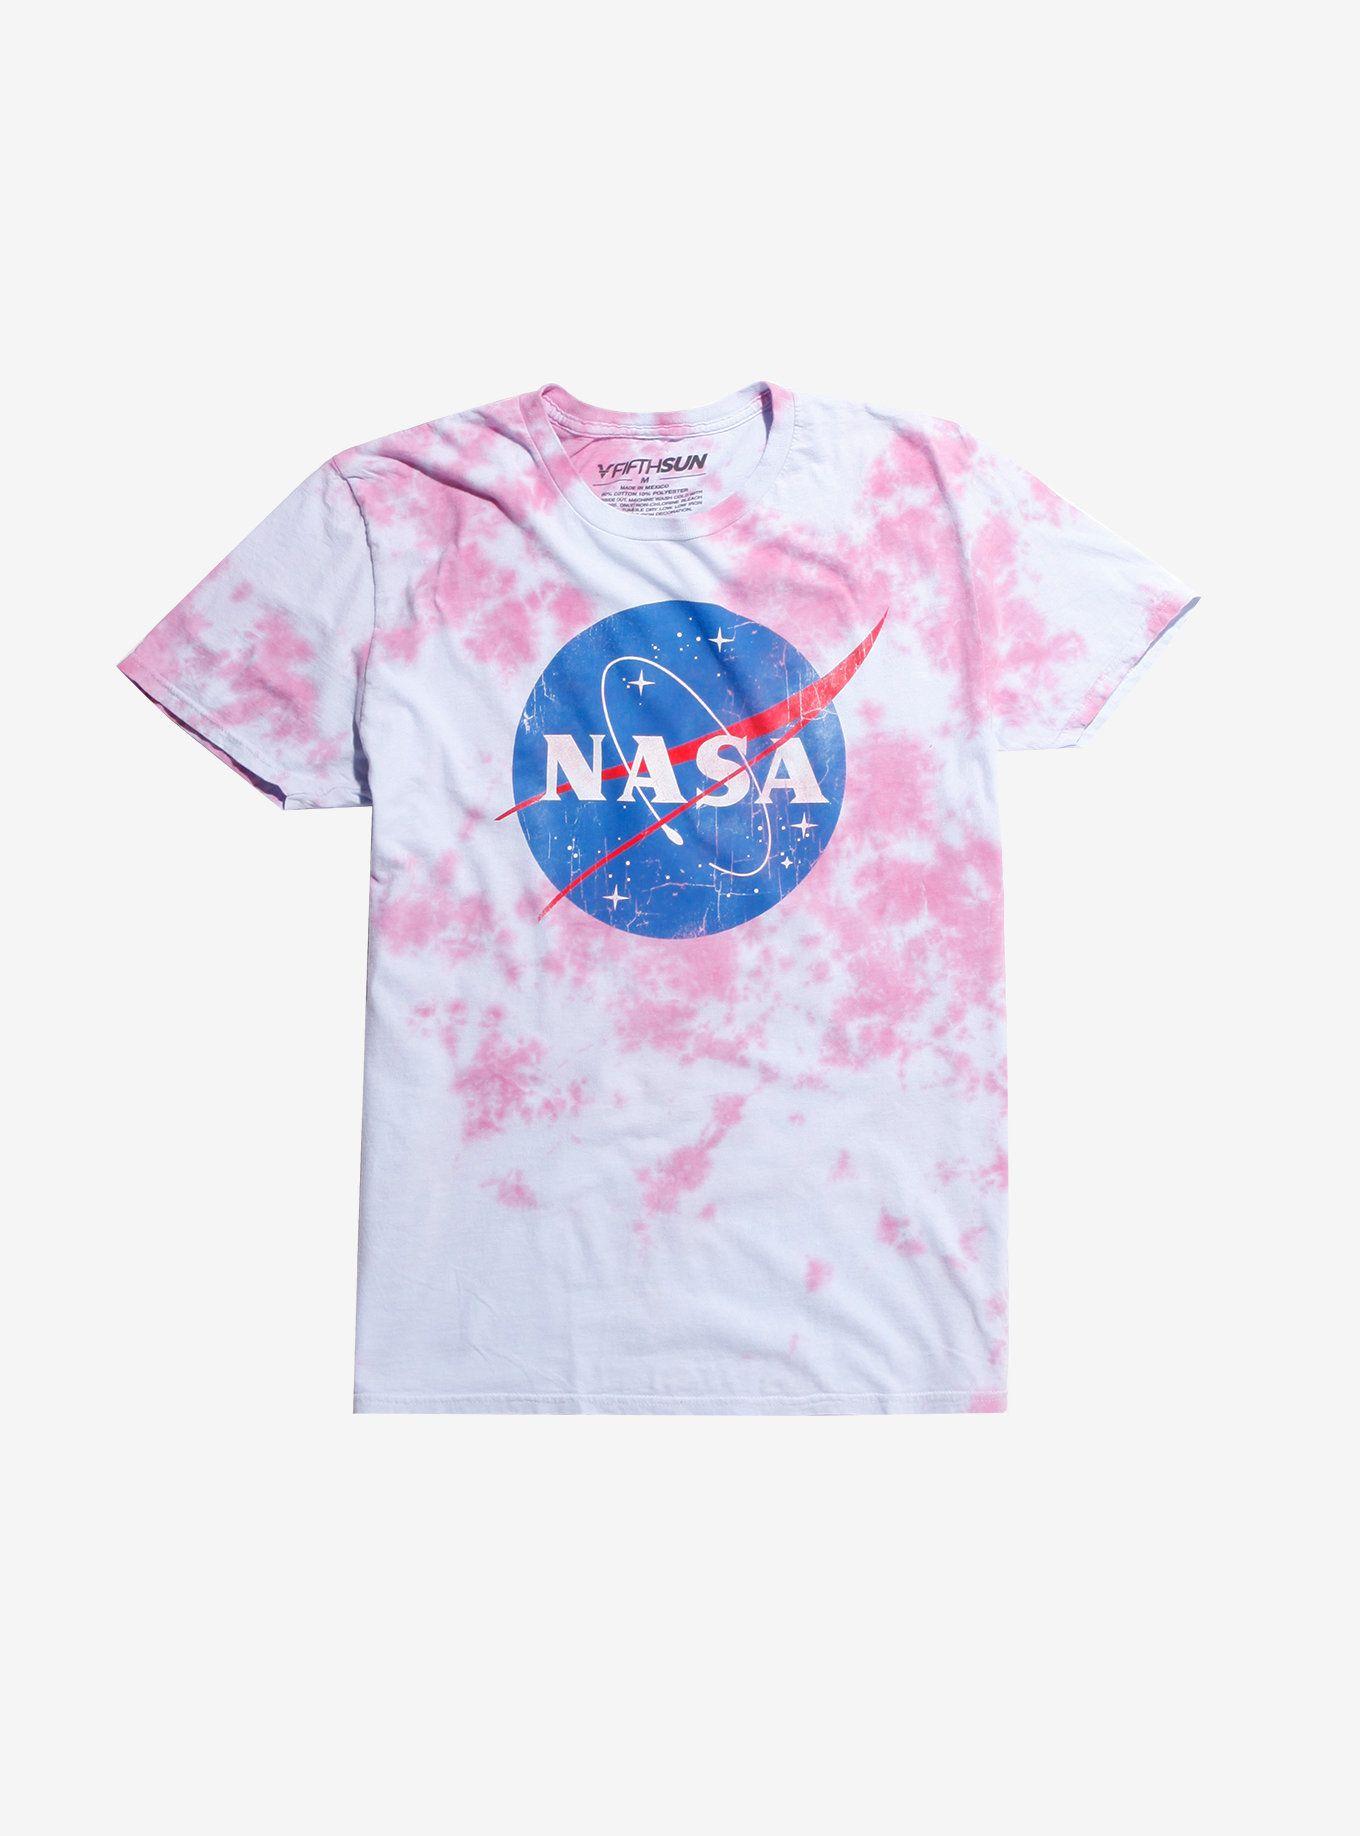 f183b687 NASA Logo Tie Dye T-Shirt | I just want to wear it | Tie dye t ...